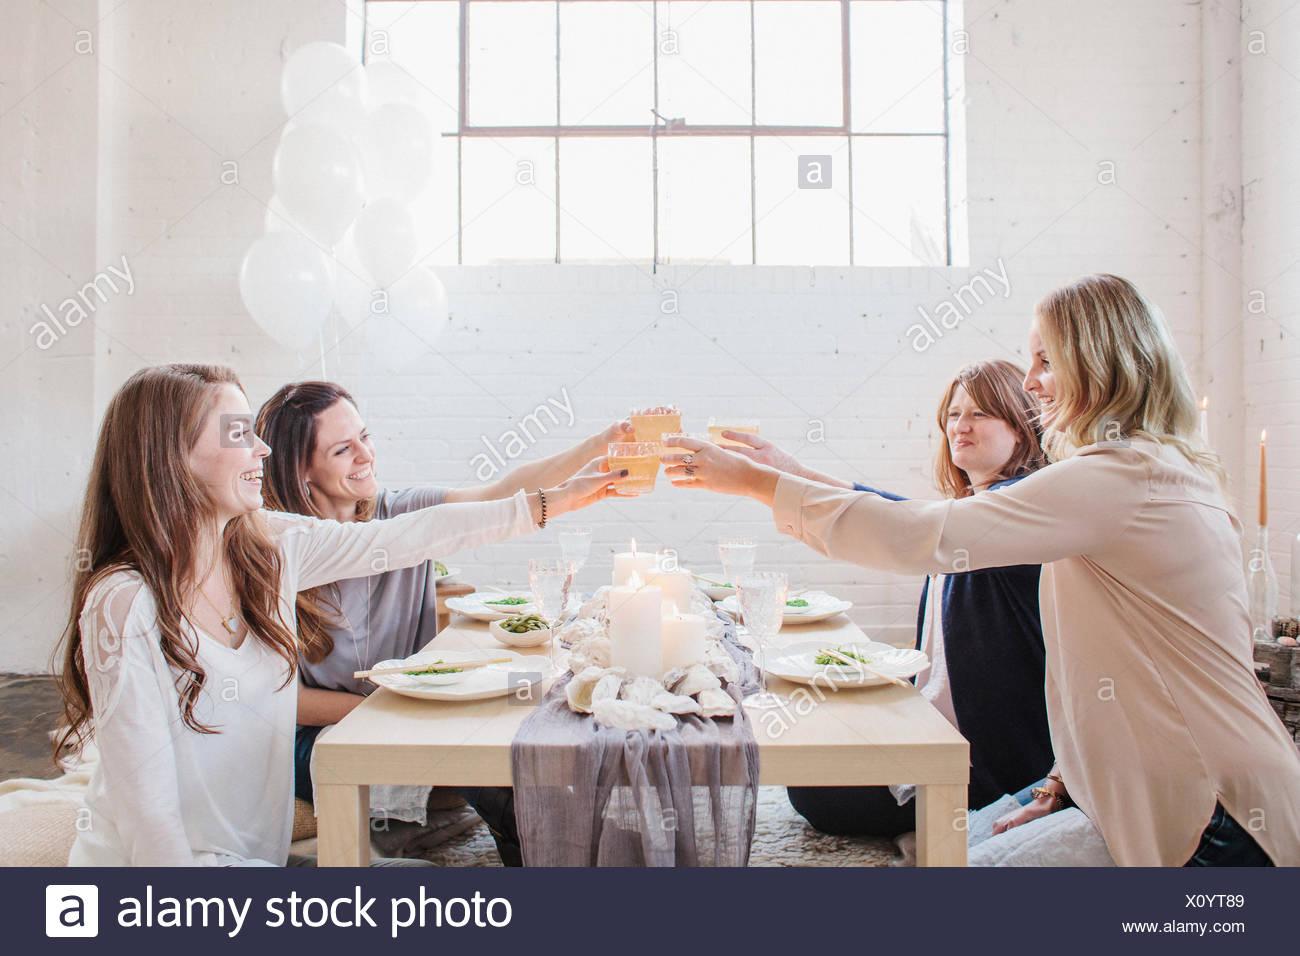 Quatre femmes assises à une table basse, l'éducation de leurs verres dans un toast à l'autre. Banque D'Images